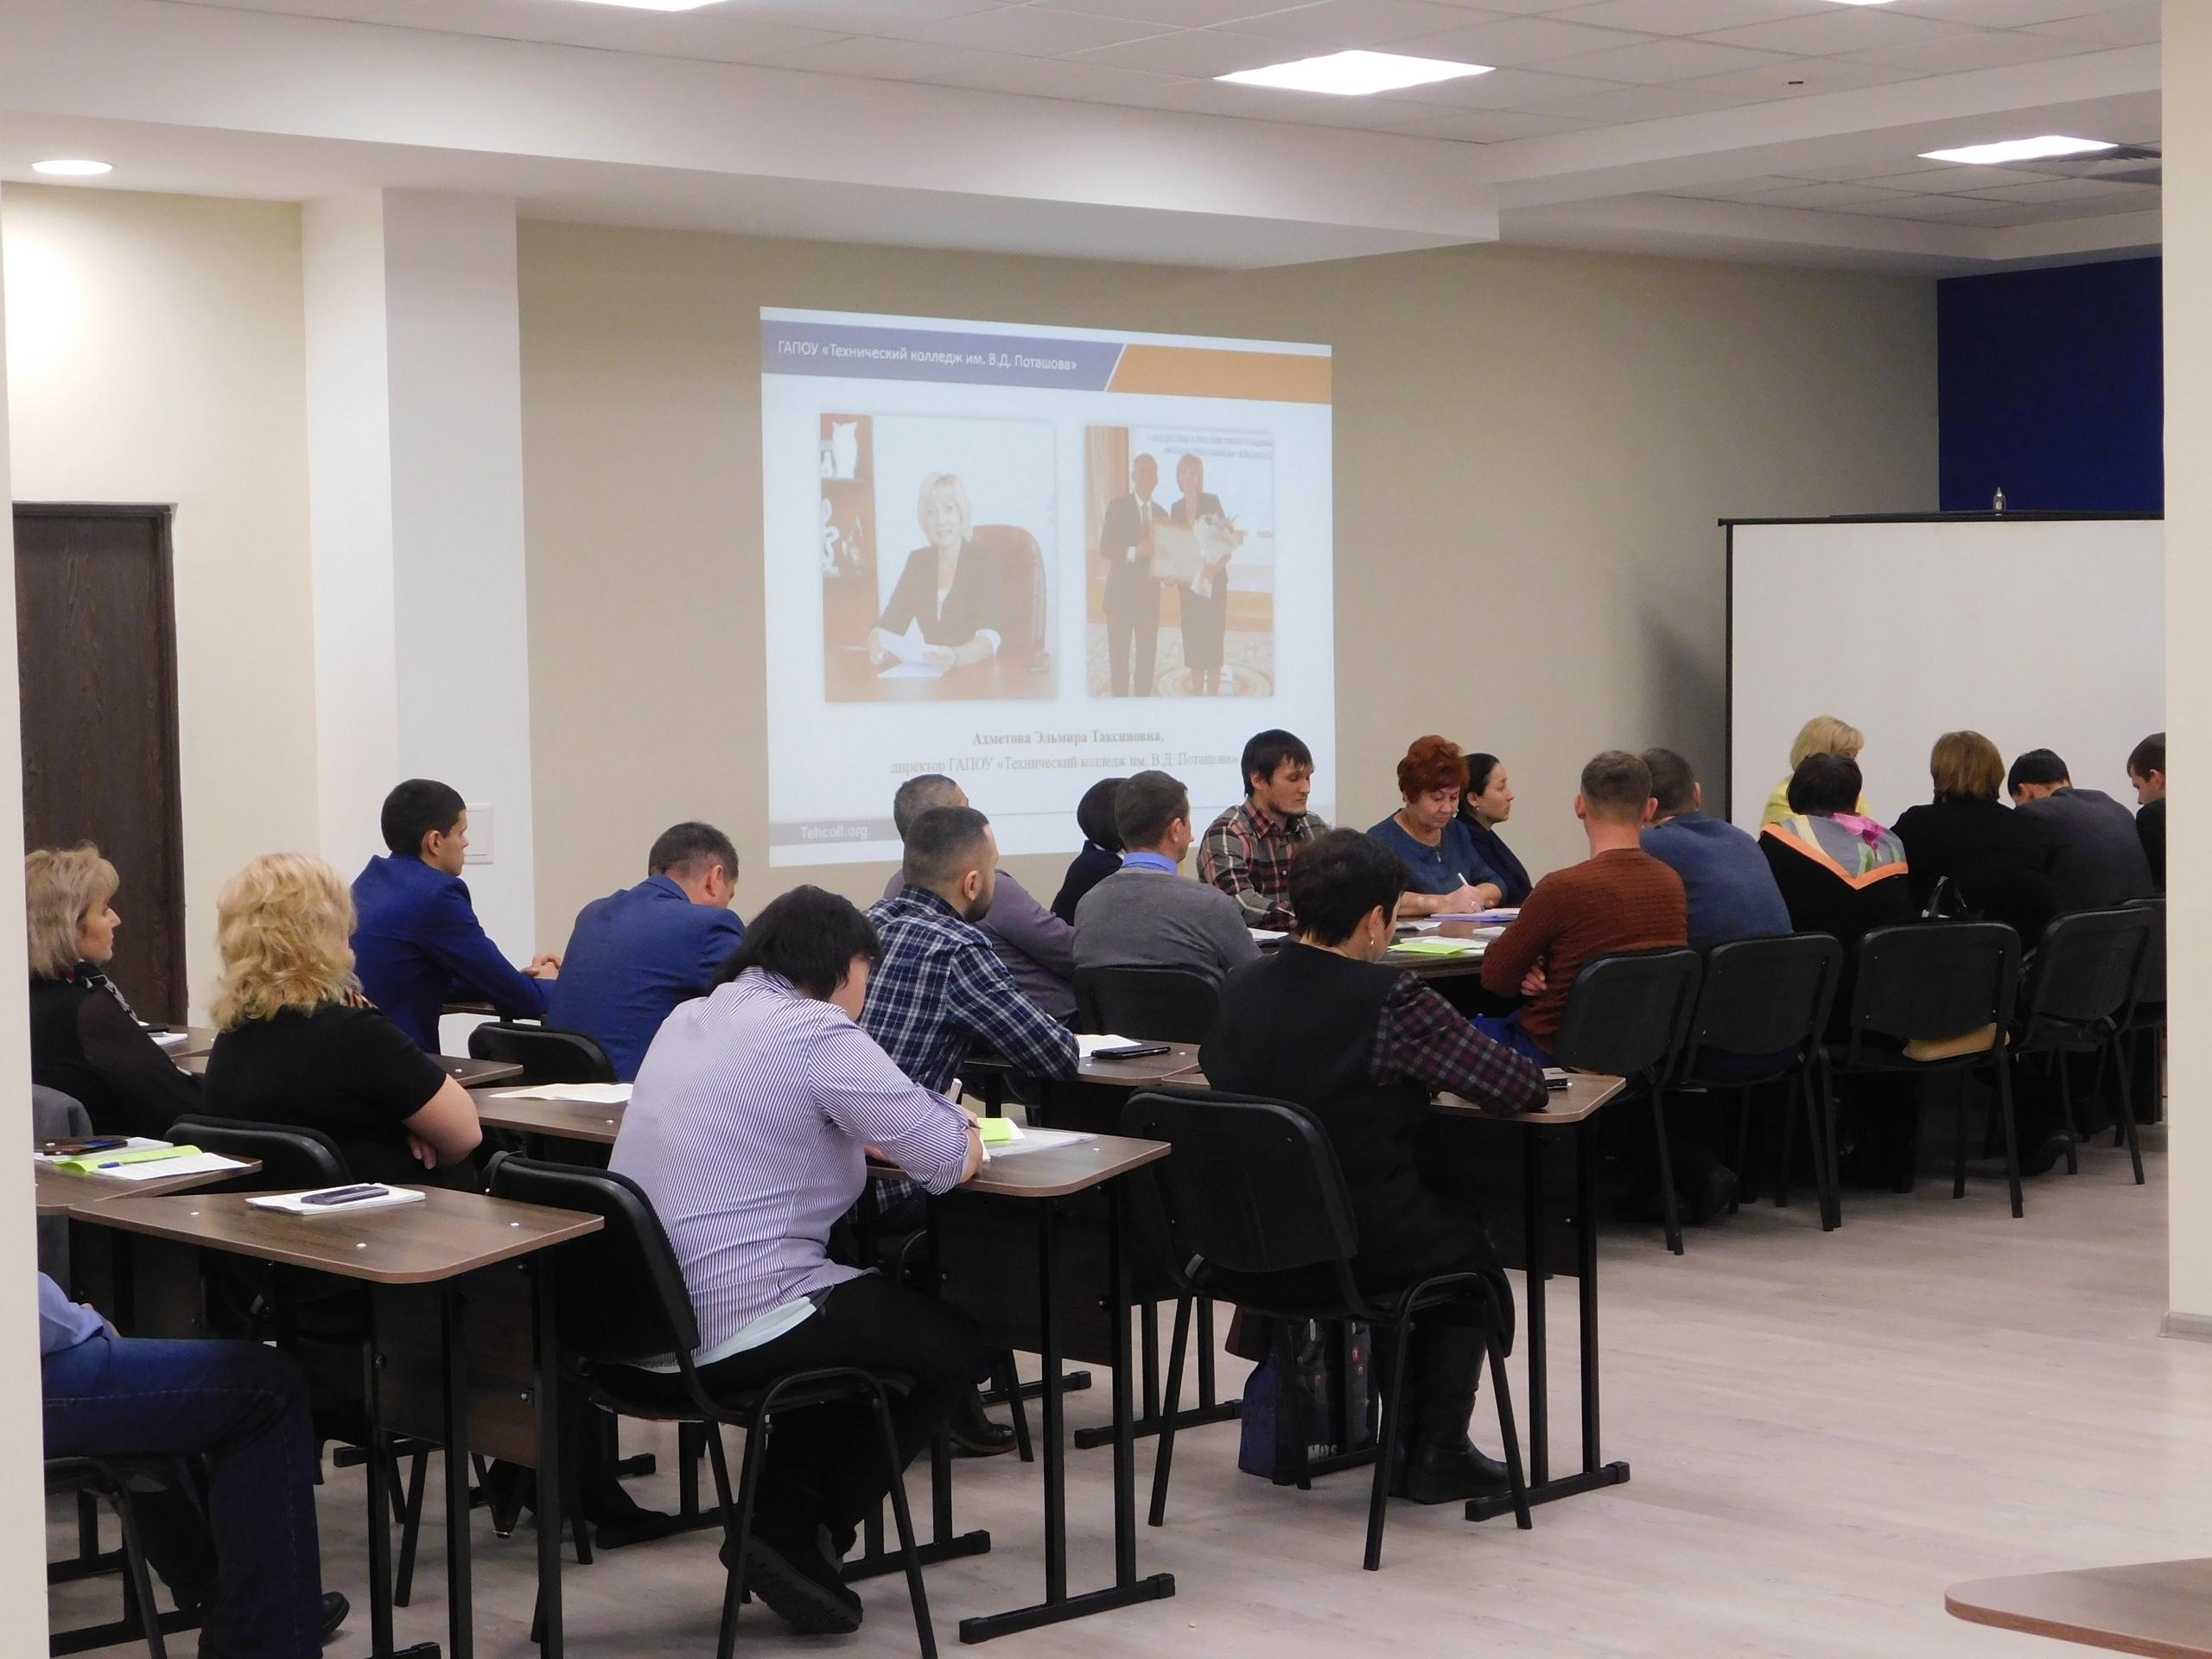 Всероссийский семинар «Формирование профессиональных компетенций мастеров производственного обучения с учетом стандарта Worldskills»